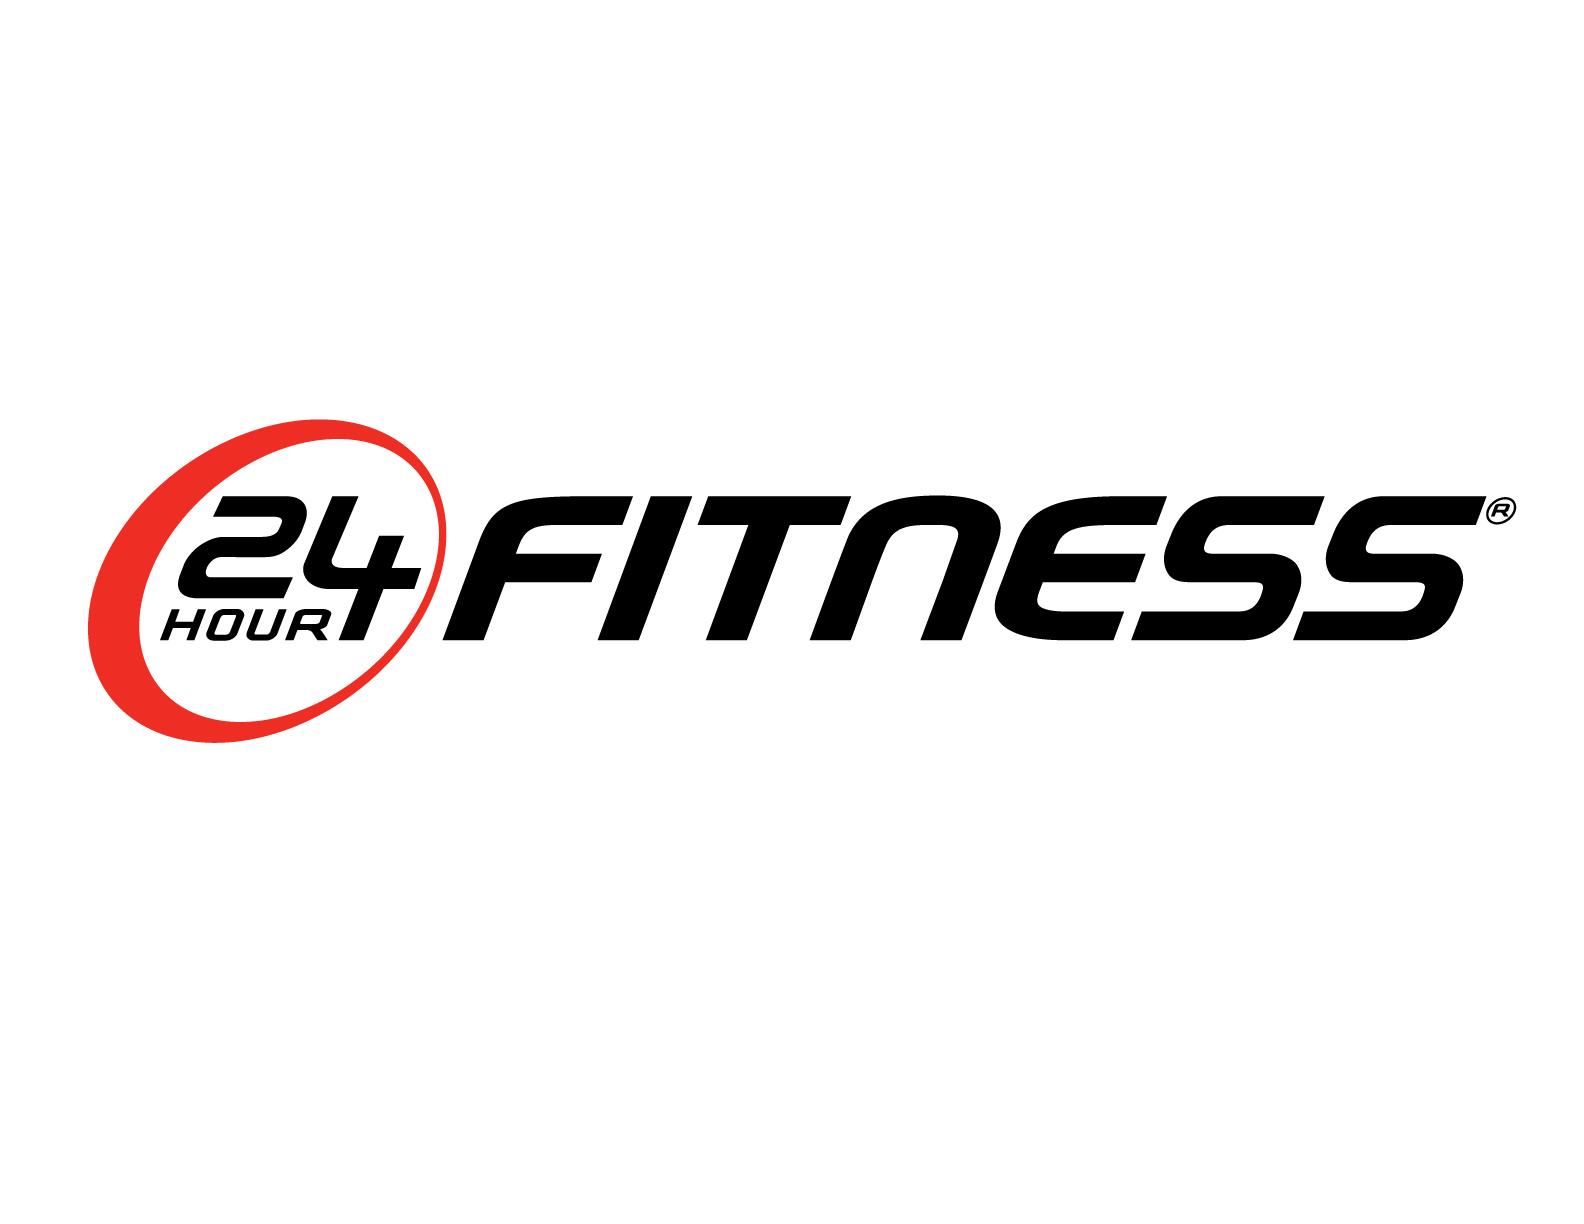 chris roussos named ceo of 24 hour fitness usa  inc